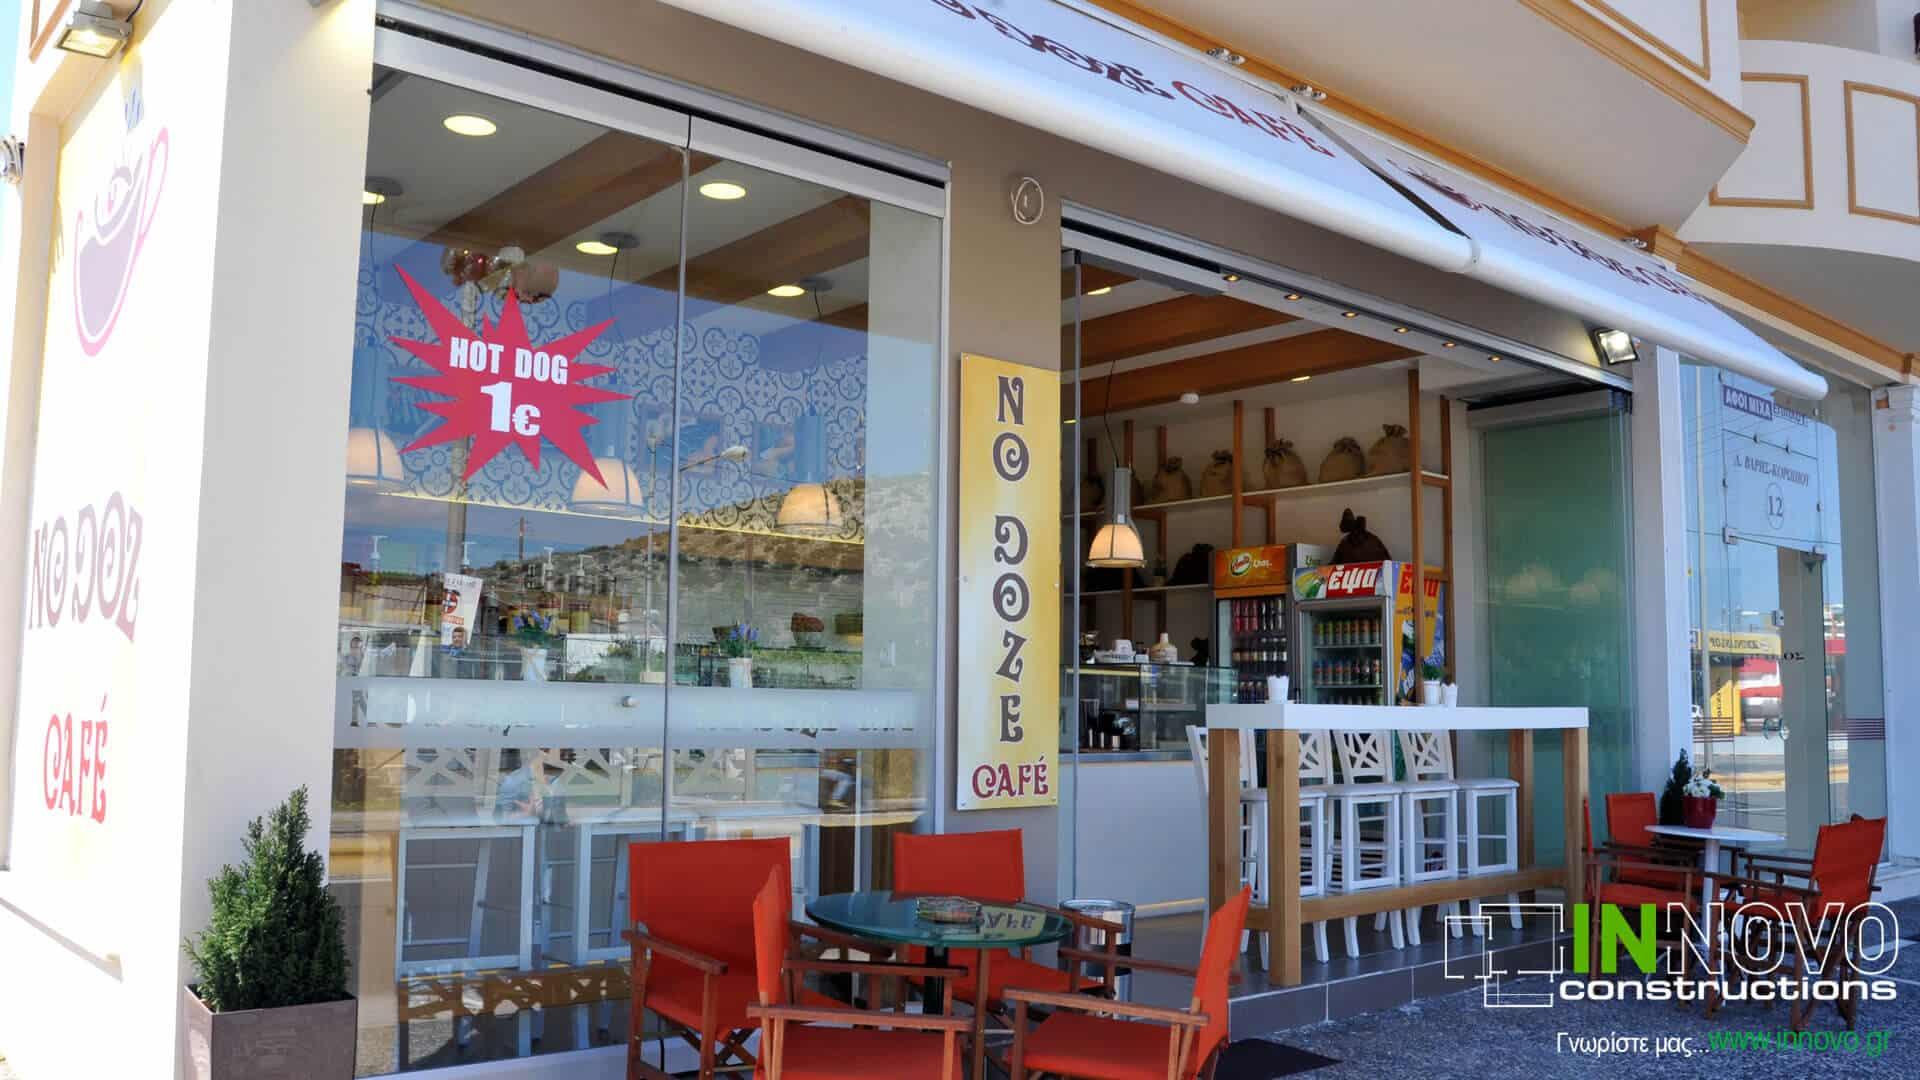 anakainisi-snack-cafe-renovation-cafe-barh-1685-28